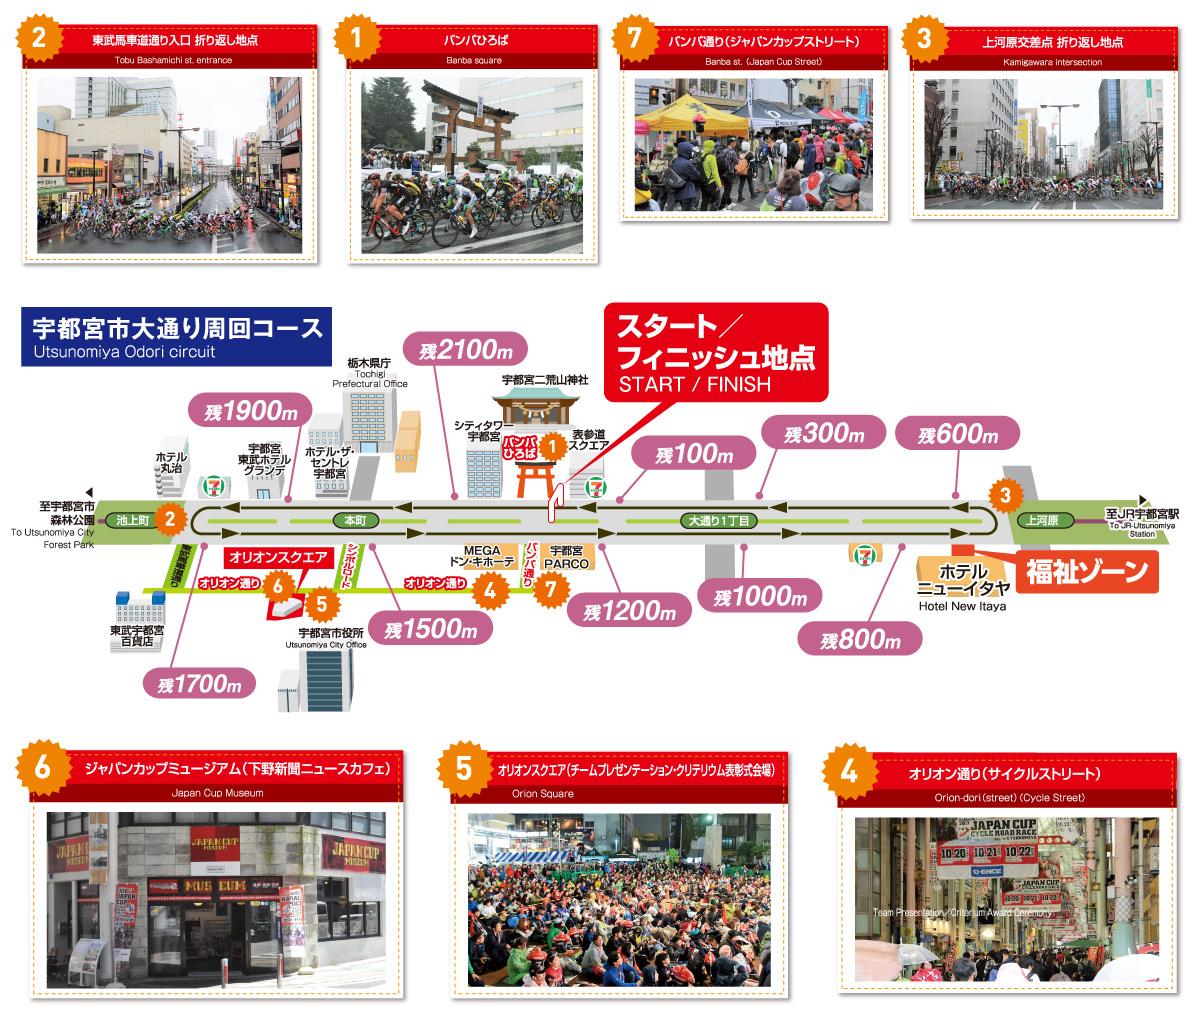 2018ジャパンカップクリテリウム周辺マップ